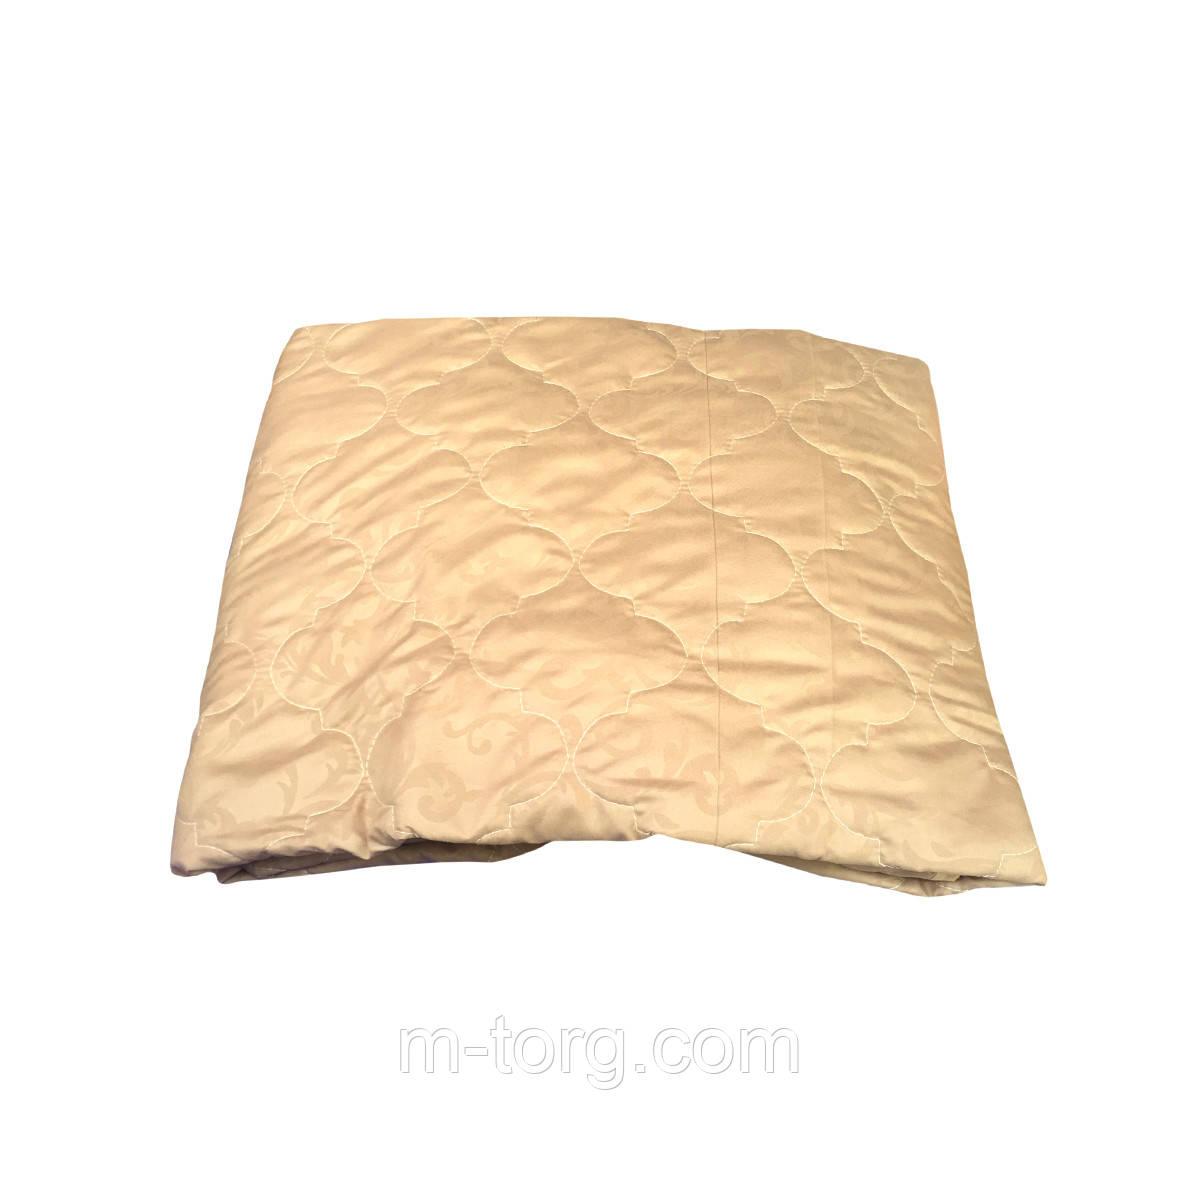 Бамбук летнее одеяло покрывало полуторный размер 145/205